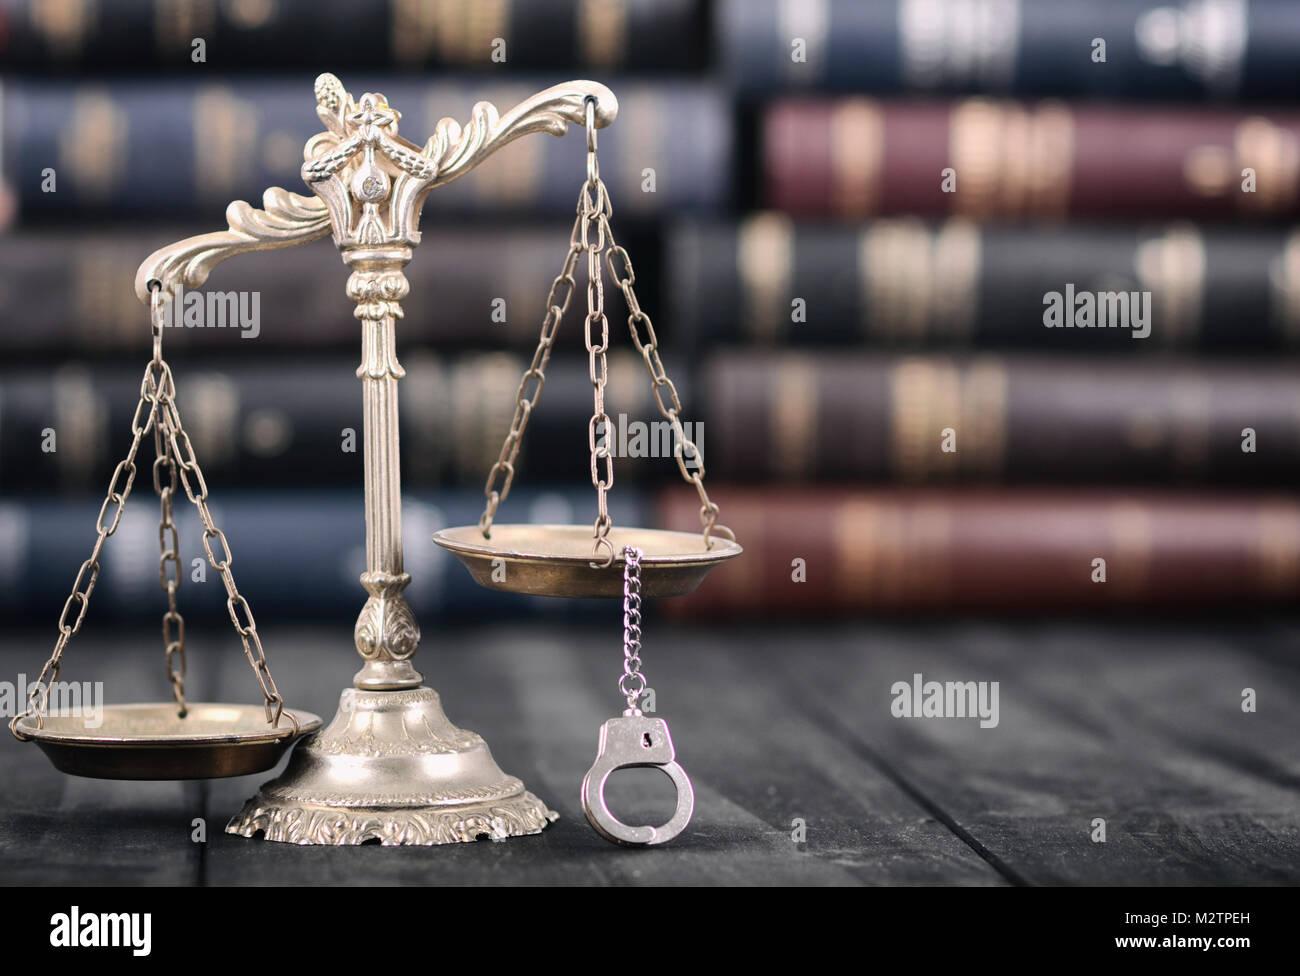 La ley y la justicia, el concepto de legalidad, escalas de justicia y esposas sobre un fondo de madera negra. Foto de stock